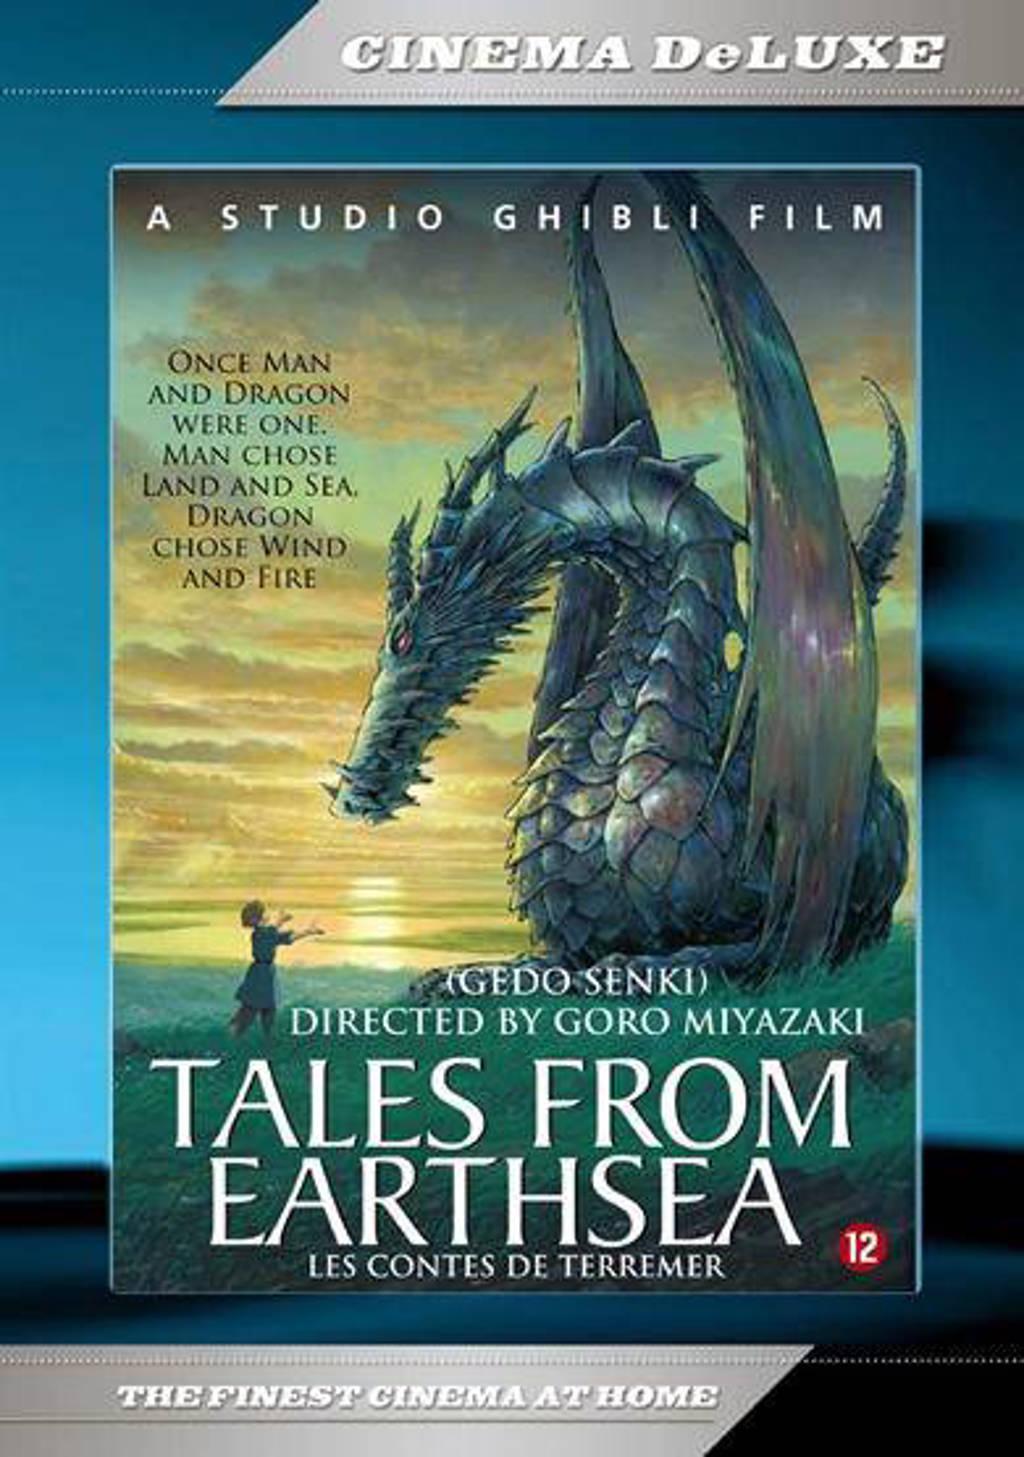 Tales from earthsea (DVD)